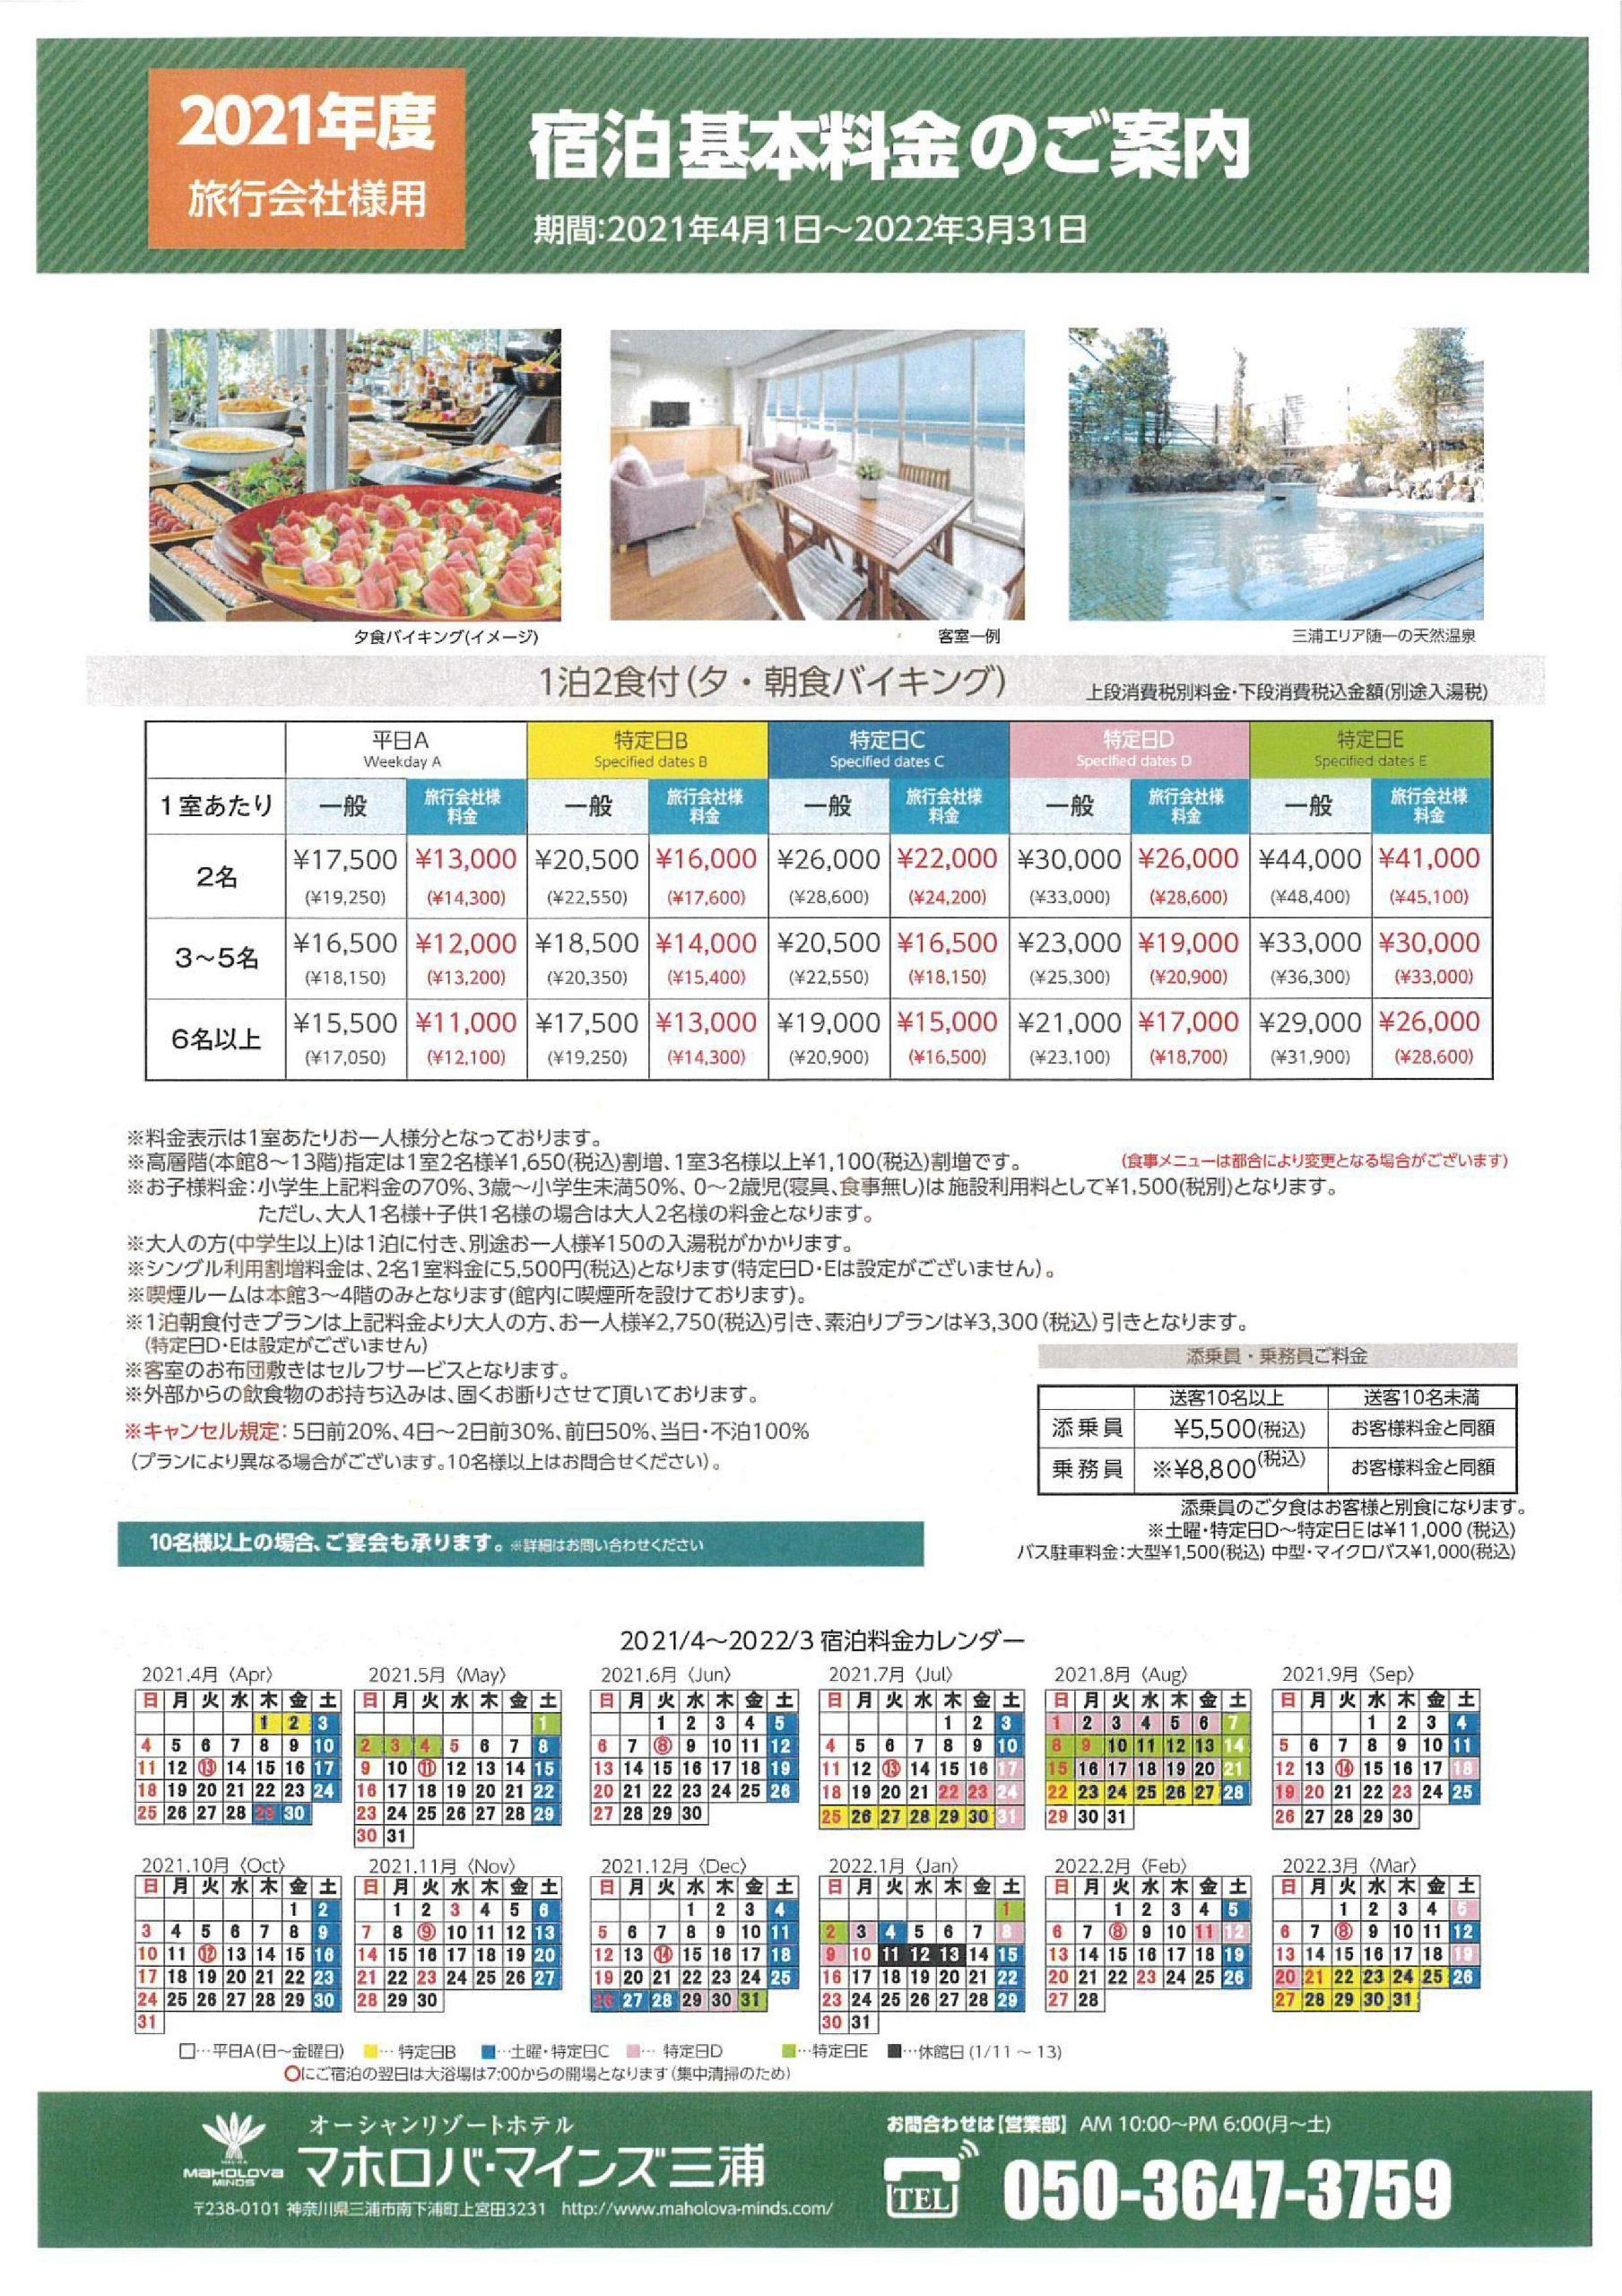 ファミリー・カップルにお勧めの宿⑦(神奈川県三浦市 マホロバ・マインズ三浦)